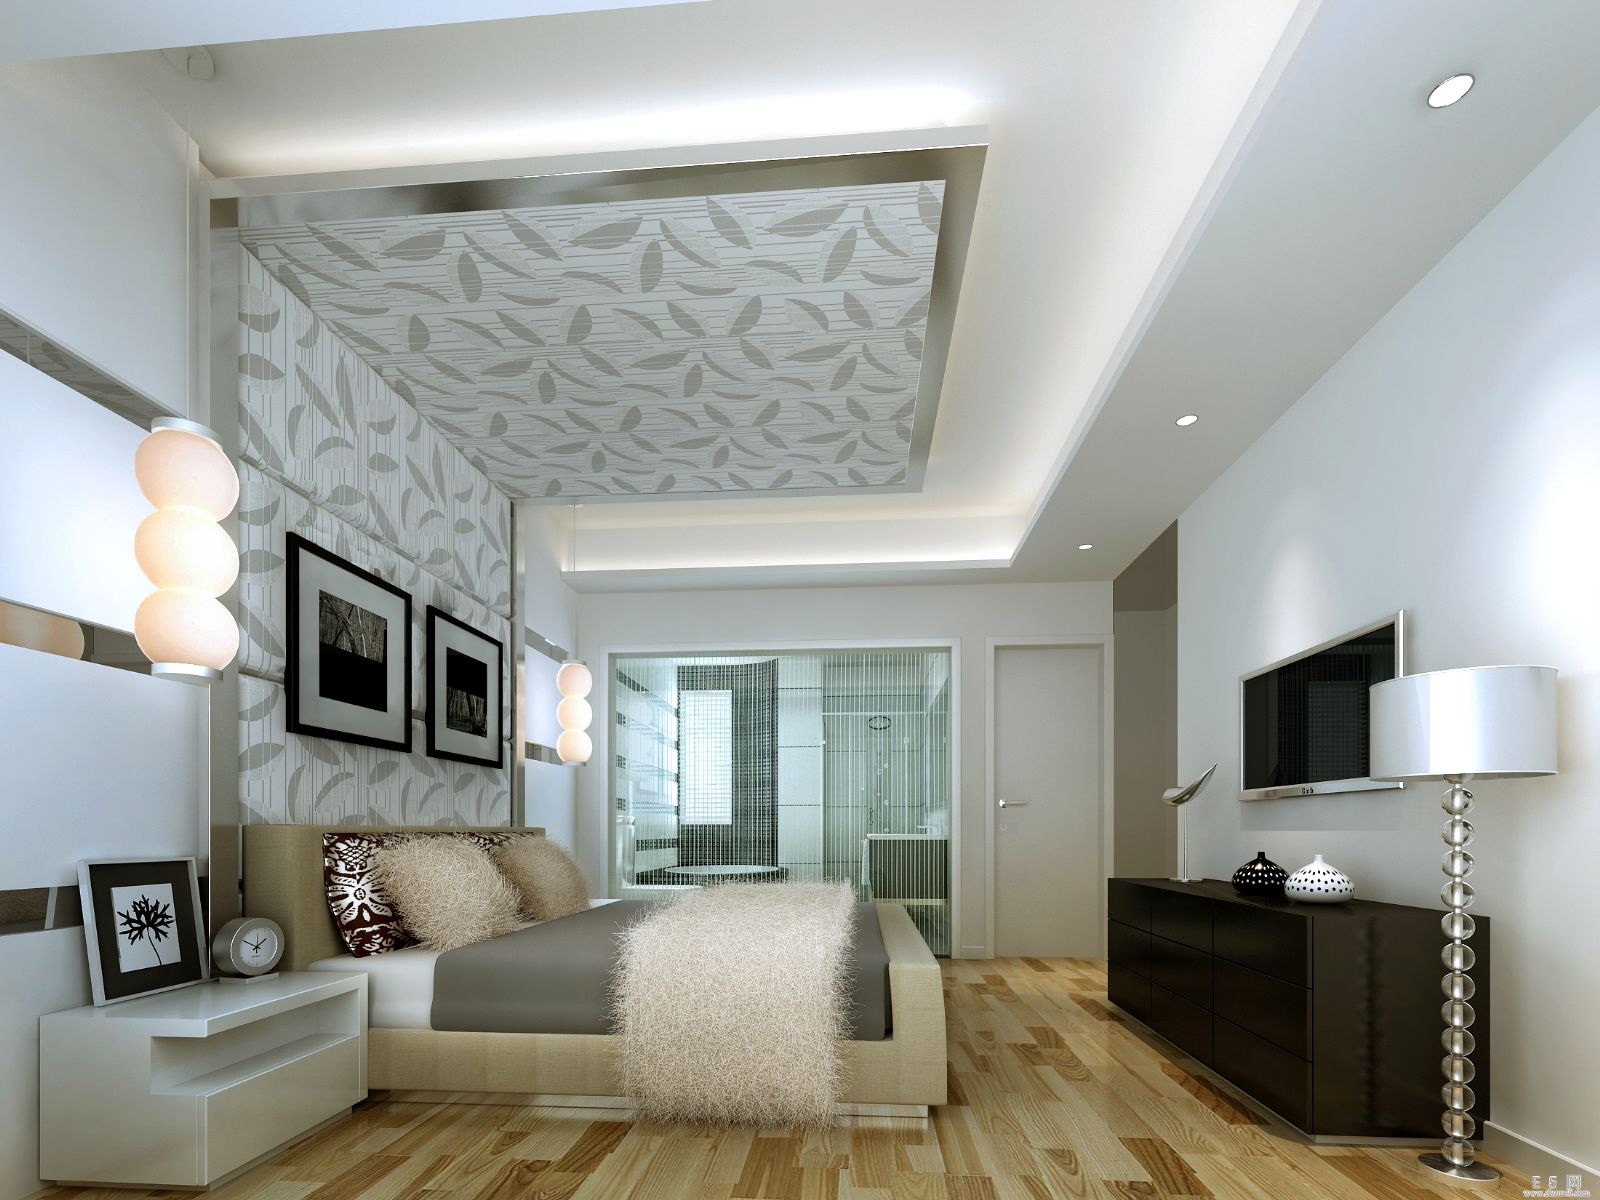 Mẫu phòng ngủ có nhà vệ sinh với không gian rộng 25m2.